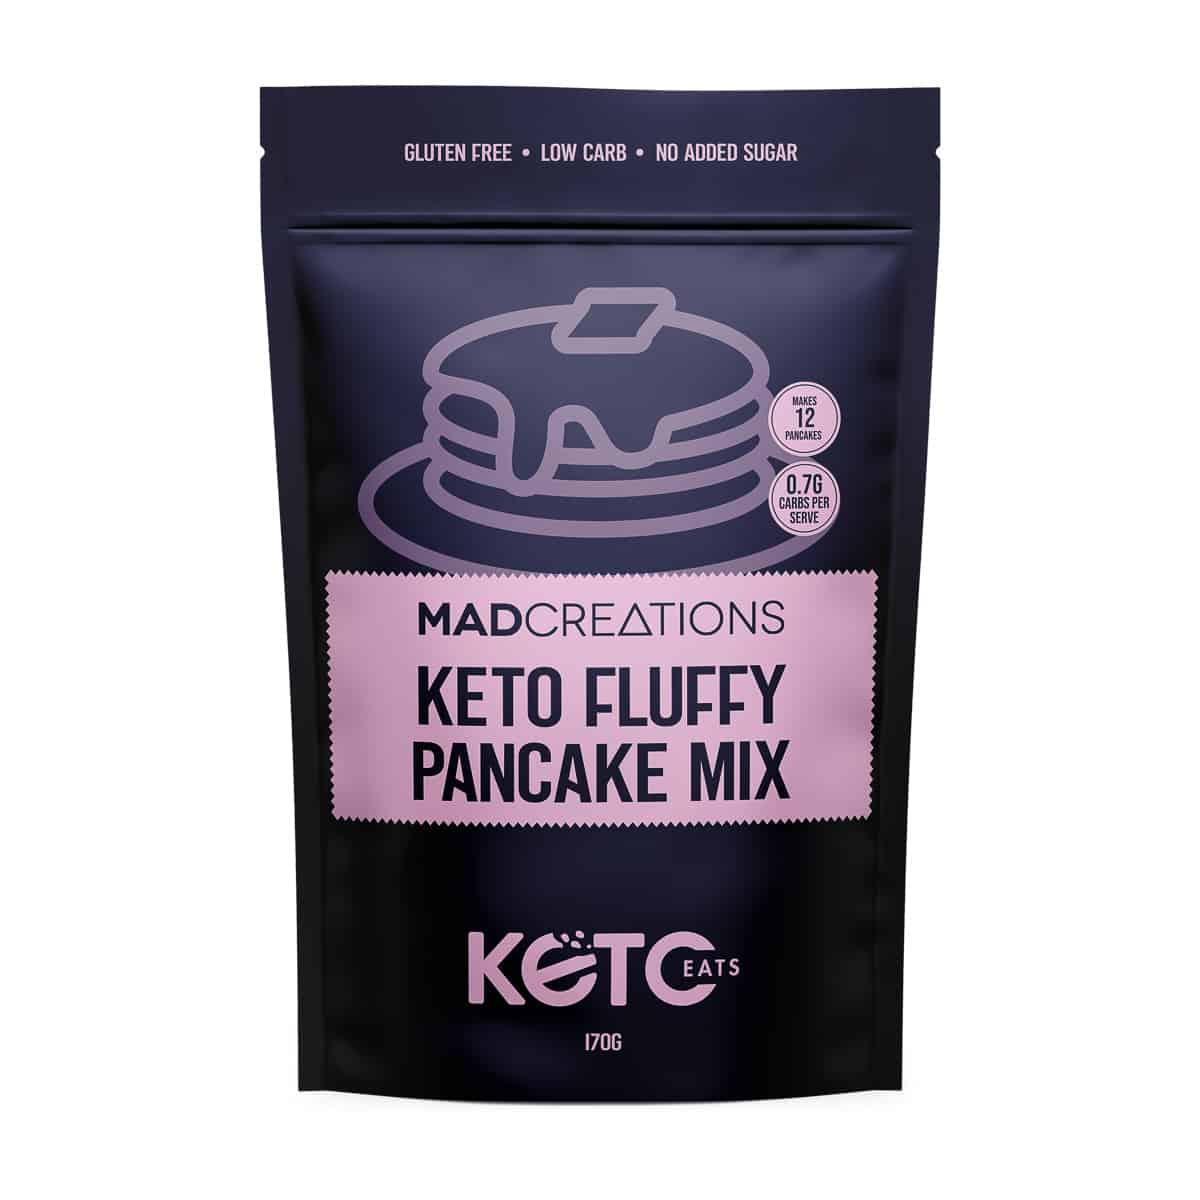 Keto Fluffy Pancake Mix packet.